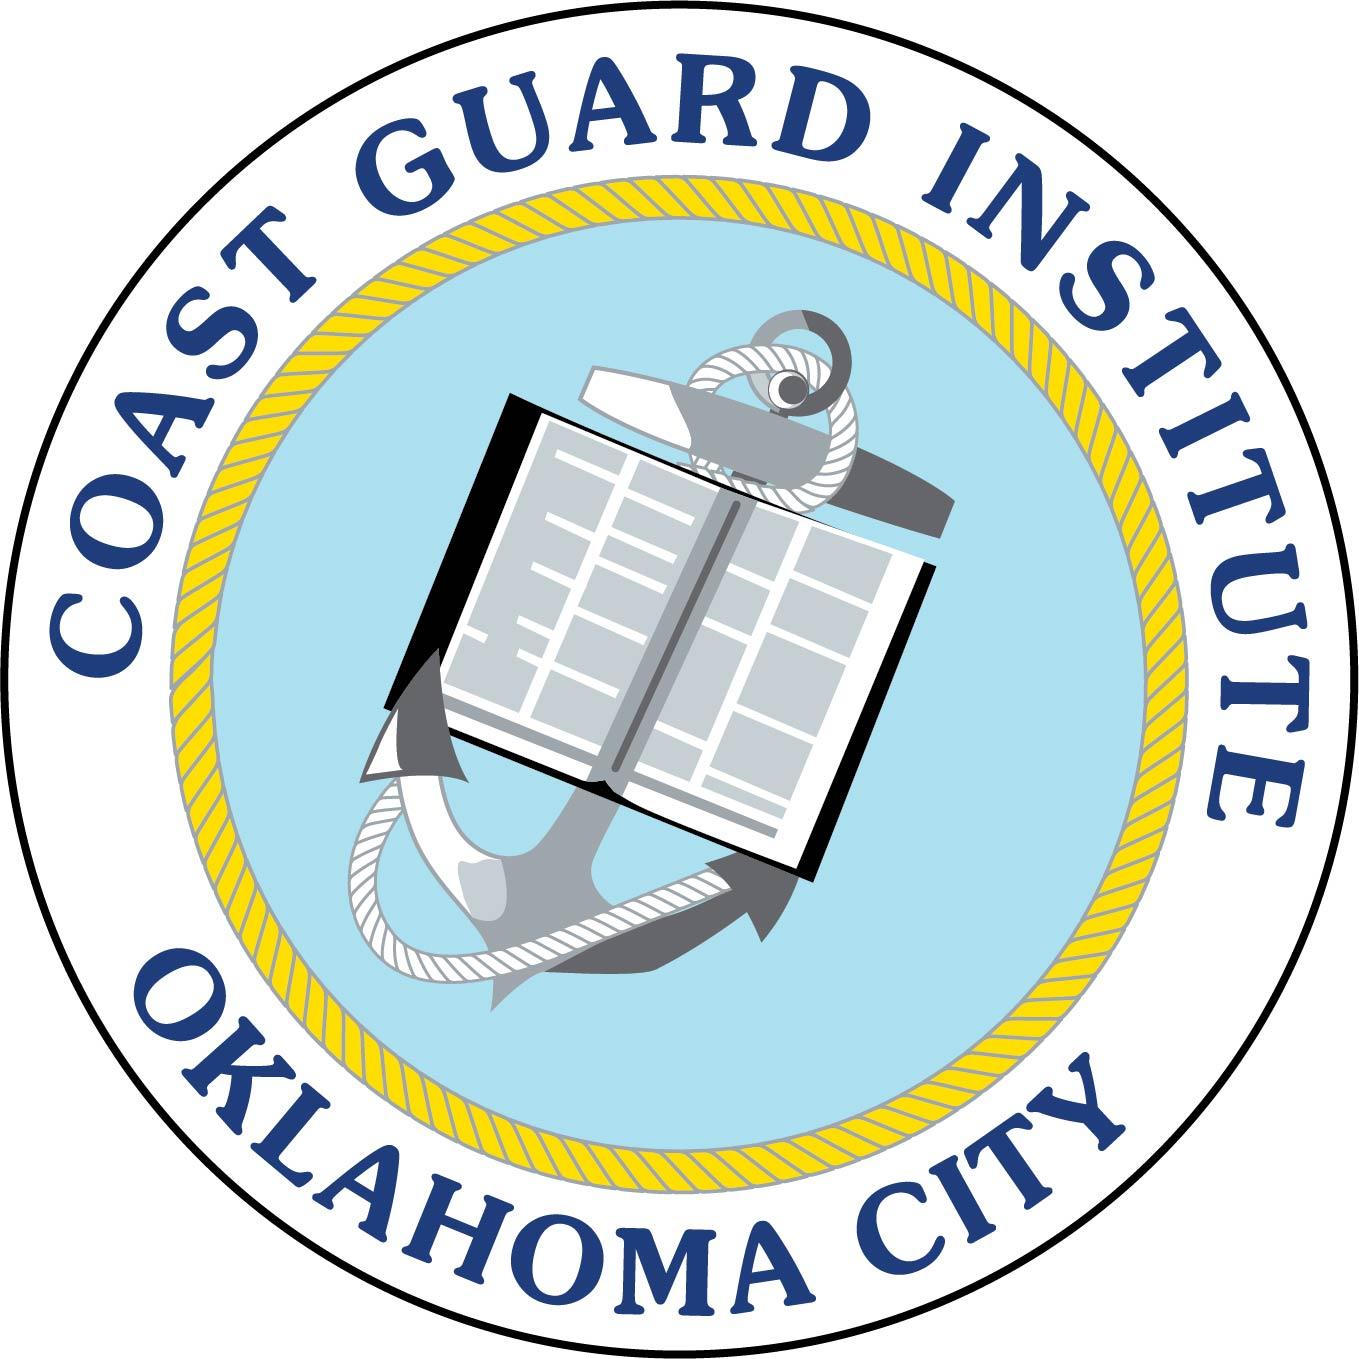 1359x1359 United States Coast Guard